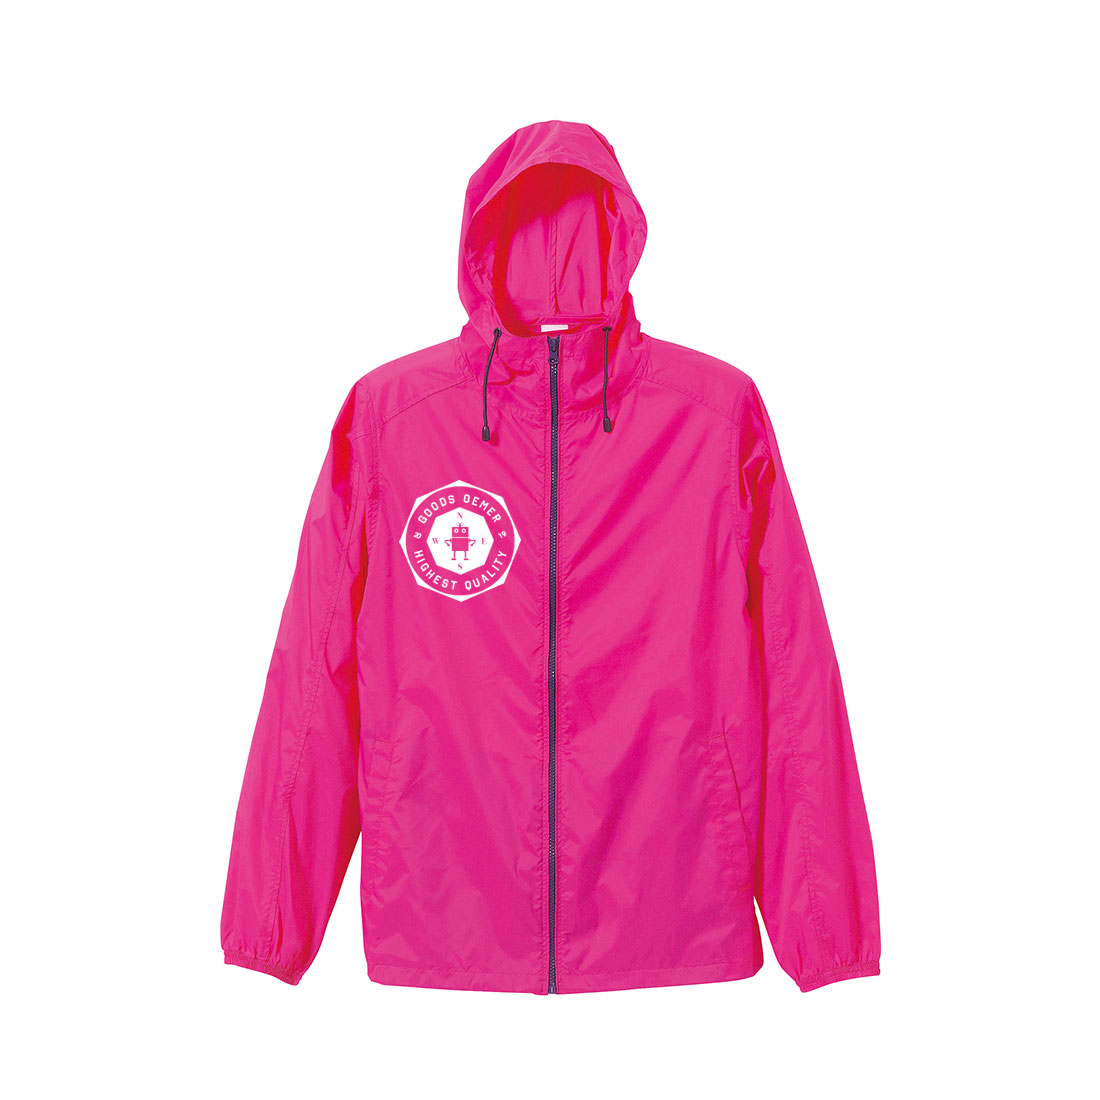 ナイロン ジップジャケット ピンク